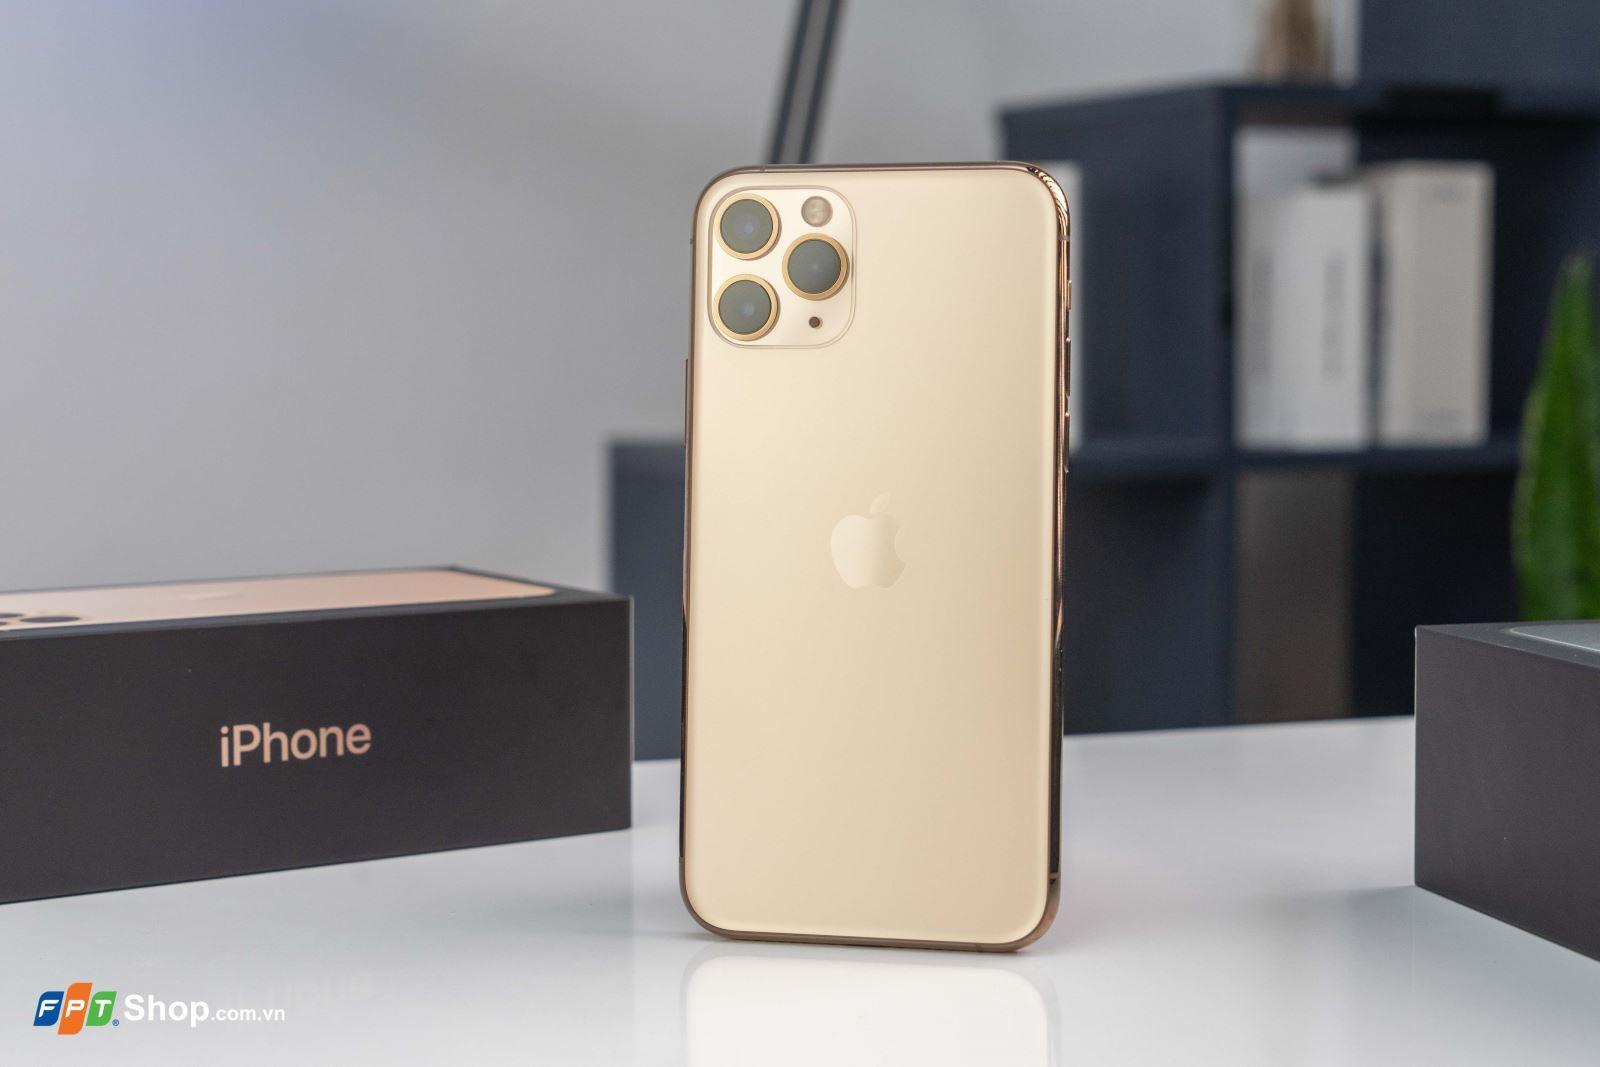 Apple Dù tốt nhưng chúng tôi rất tiếc Google Pixel 4 cũng không thể đánh bại iPhone 11 Pro - Hình 1